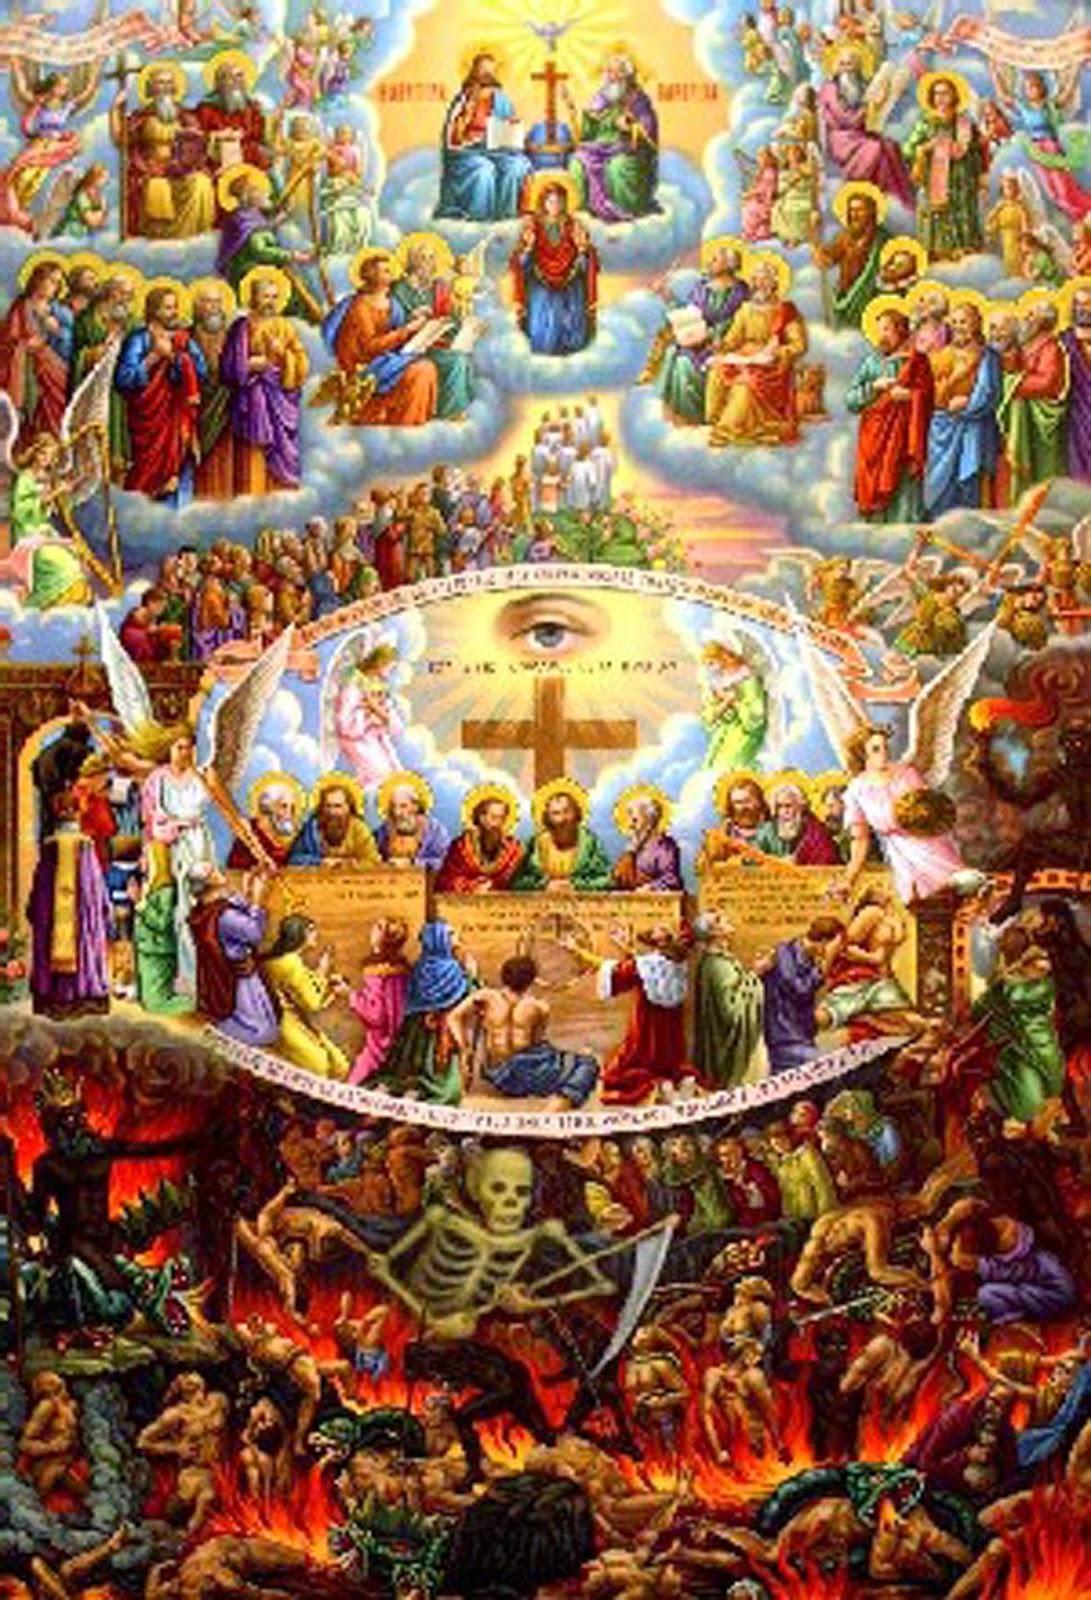 Kết quả hình ảnh cho heaven hell and purgatory